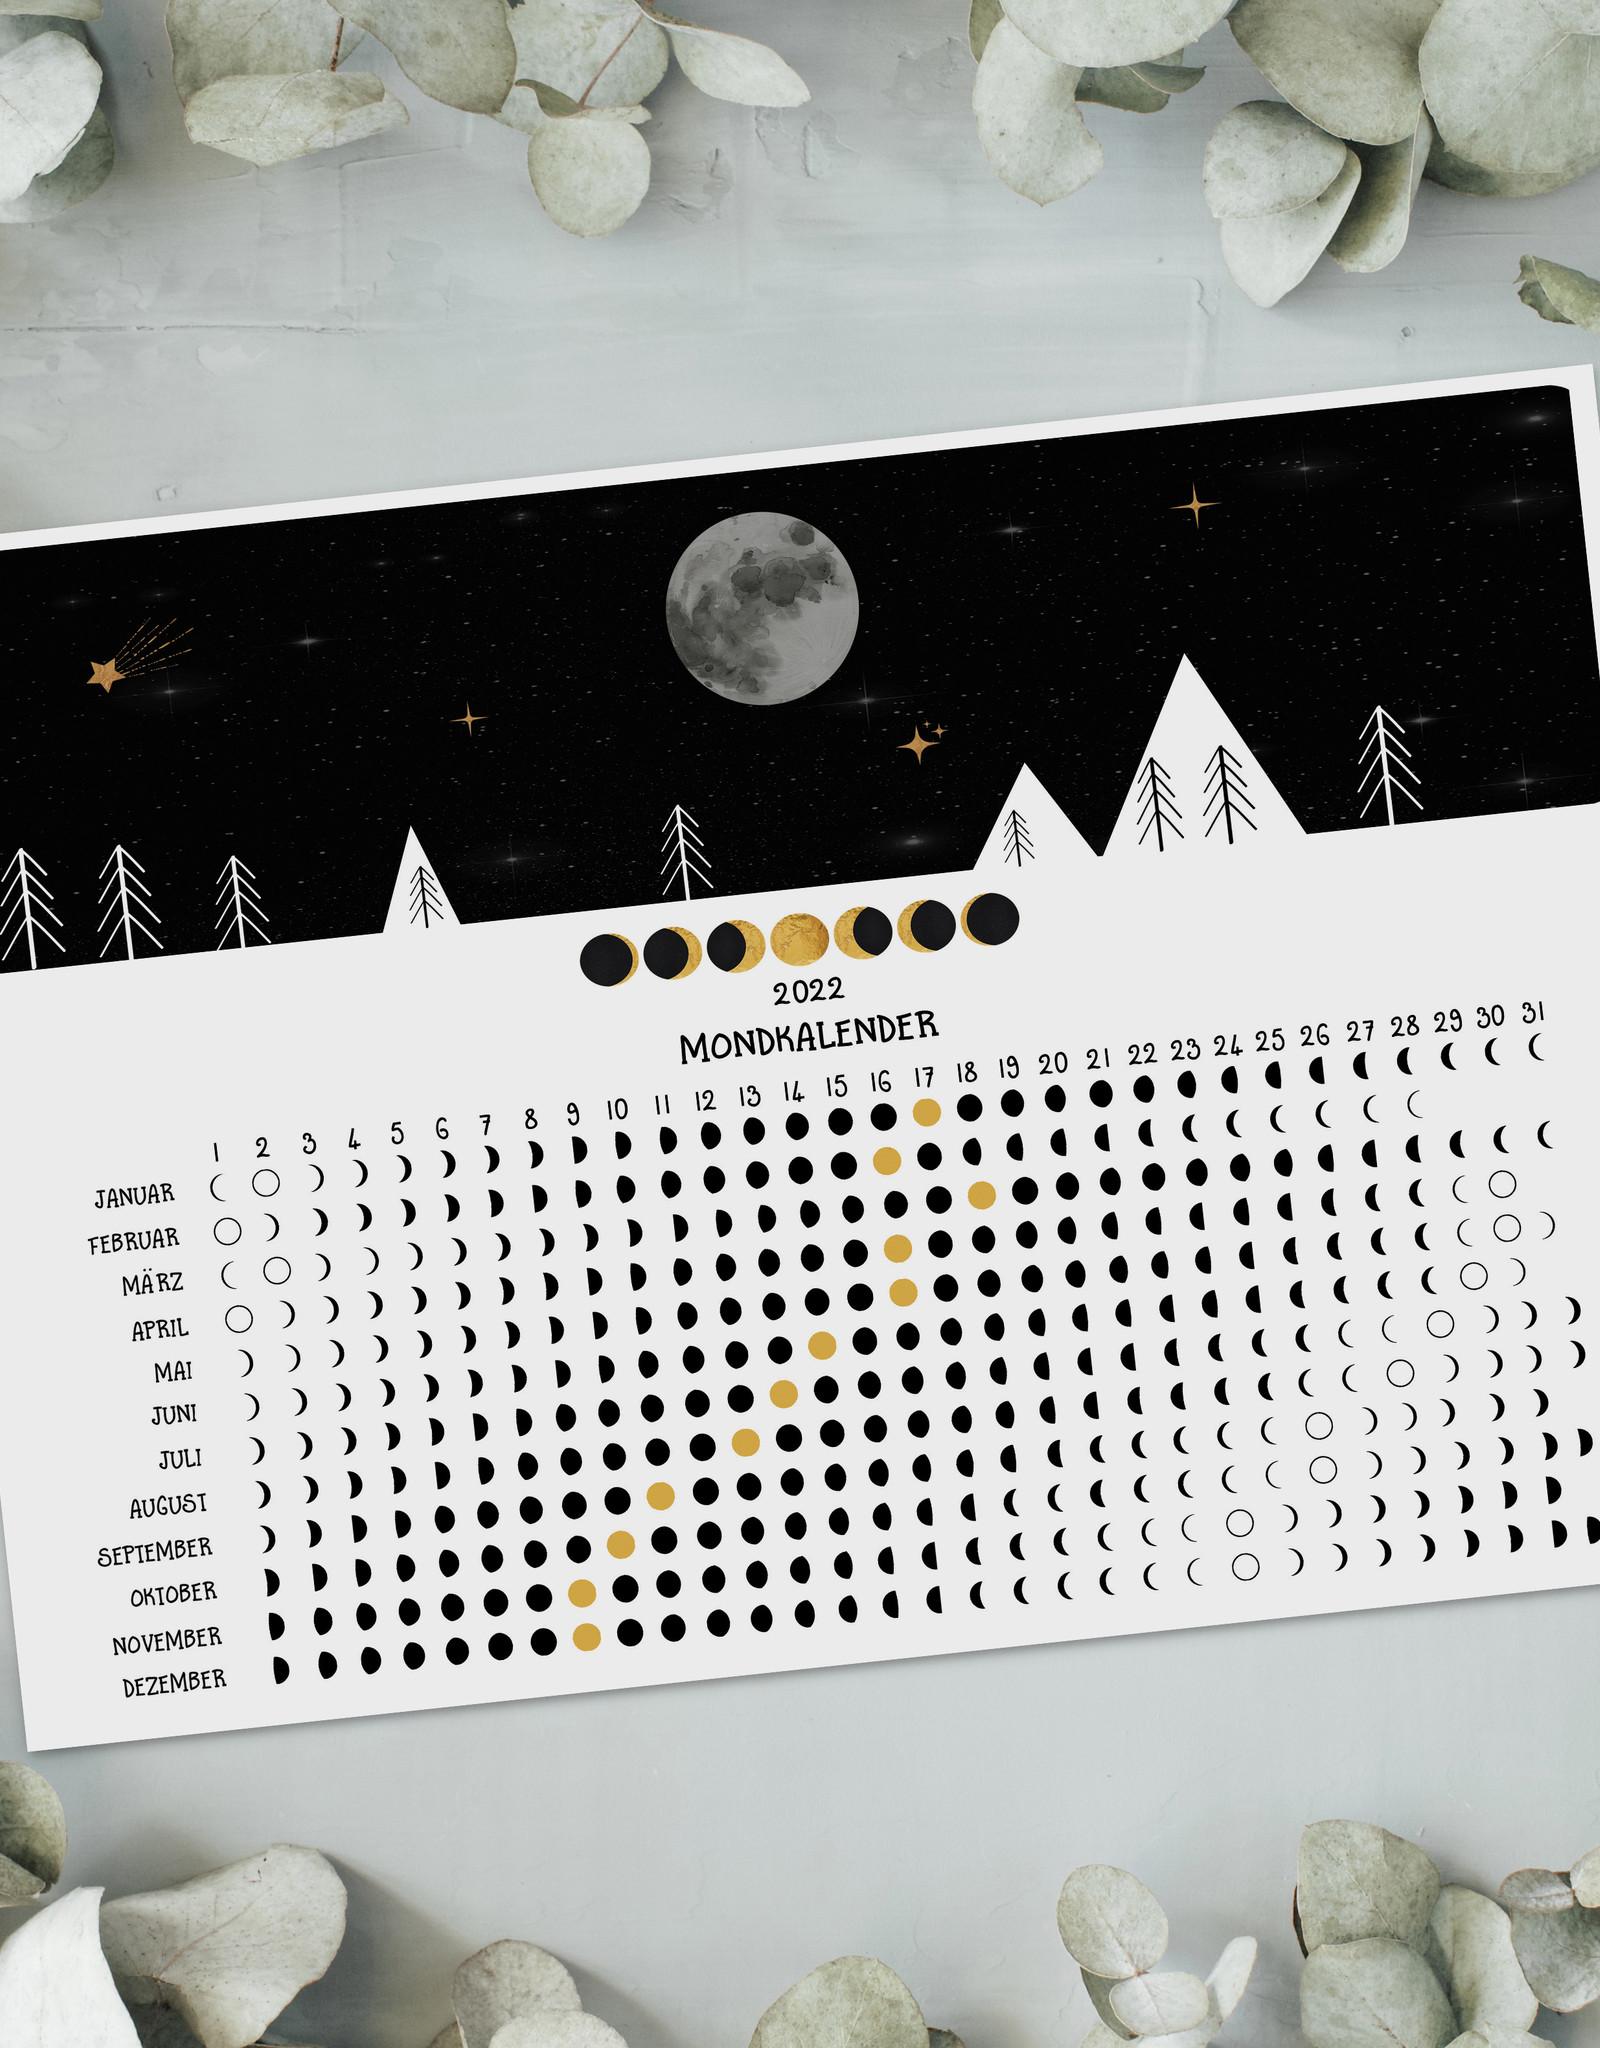 Mondkalender 2022 Poster Mondkalender DIN A4 Kalender 2022